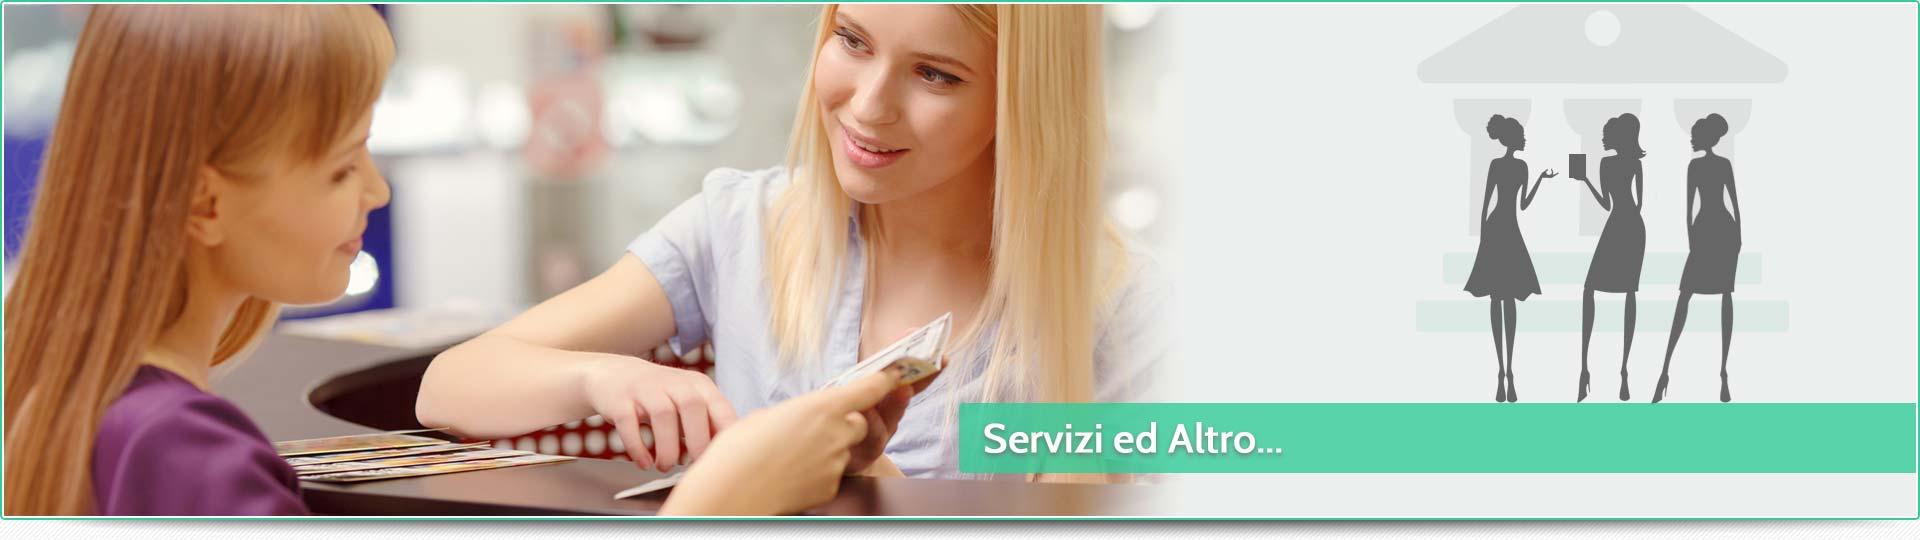 Servizi ed Altro...